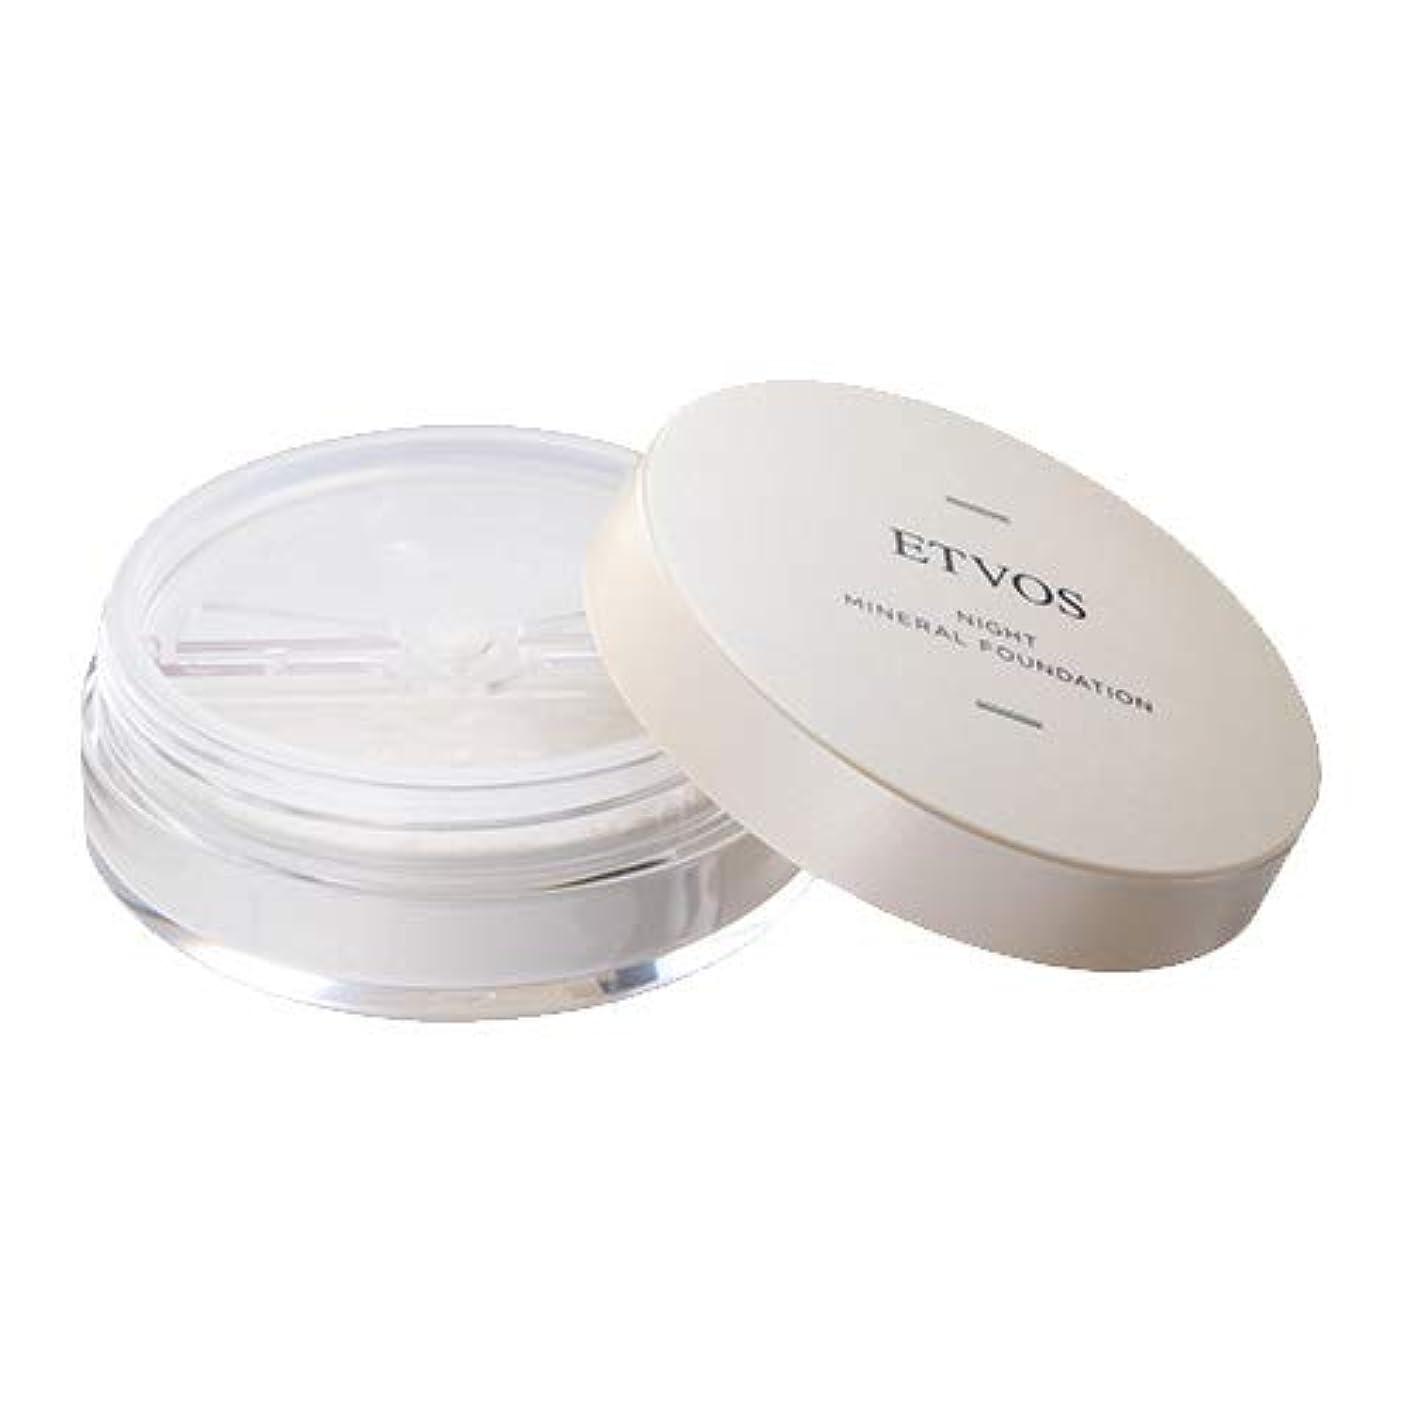 多様な苦四面体ETVOS(エトヴォス) 夜用化粧下地 ナイトミネラルファンデーション 5g フェイスパウダー 皮脂吸着/崩れ防止